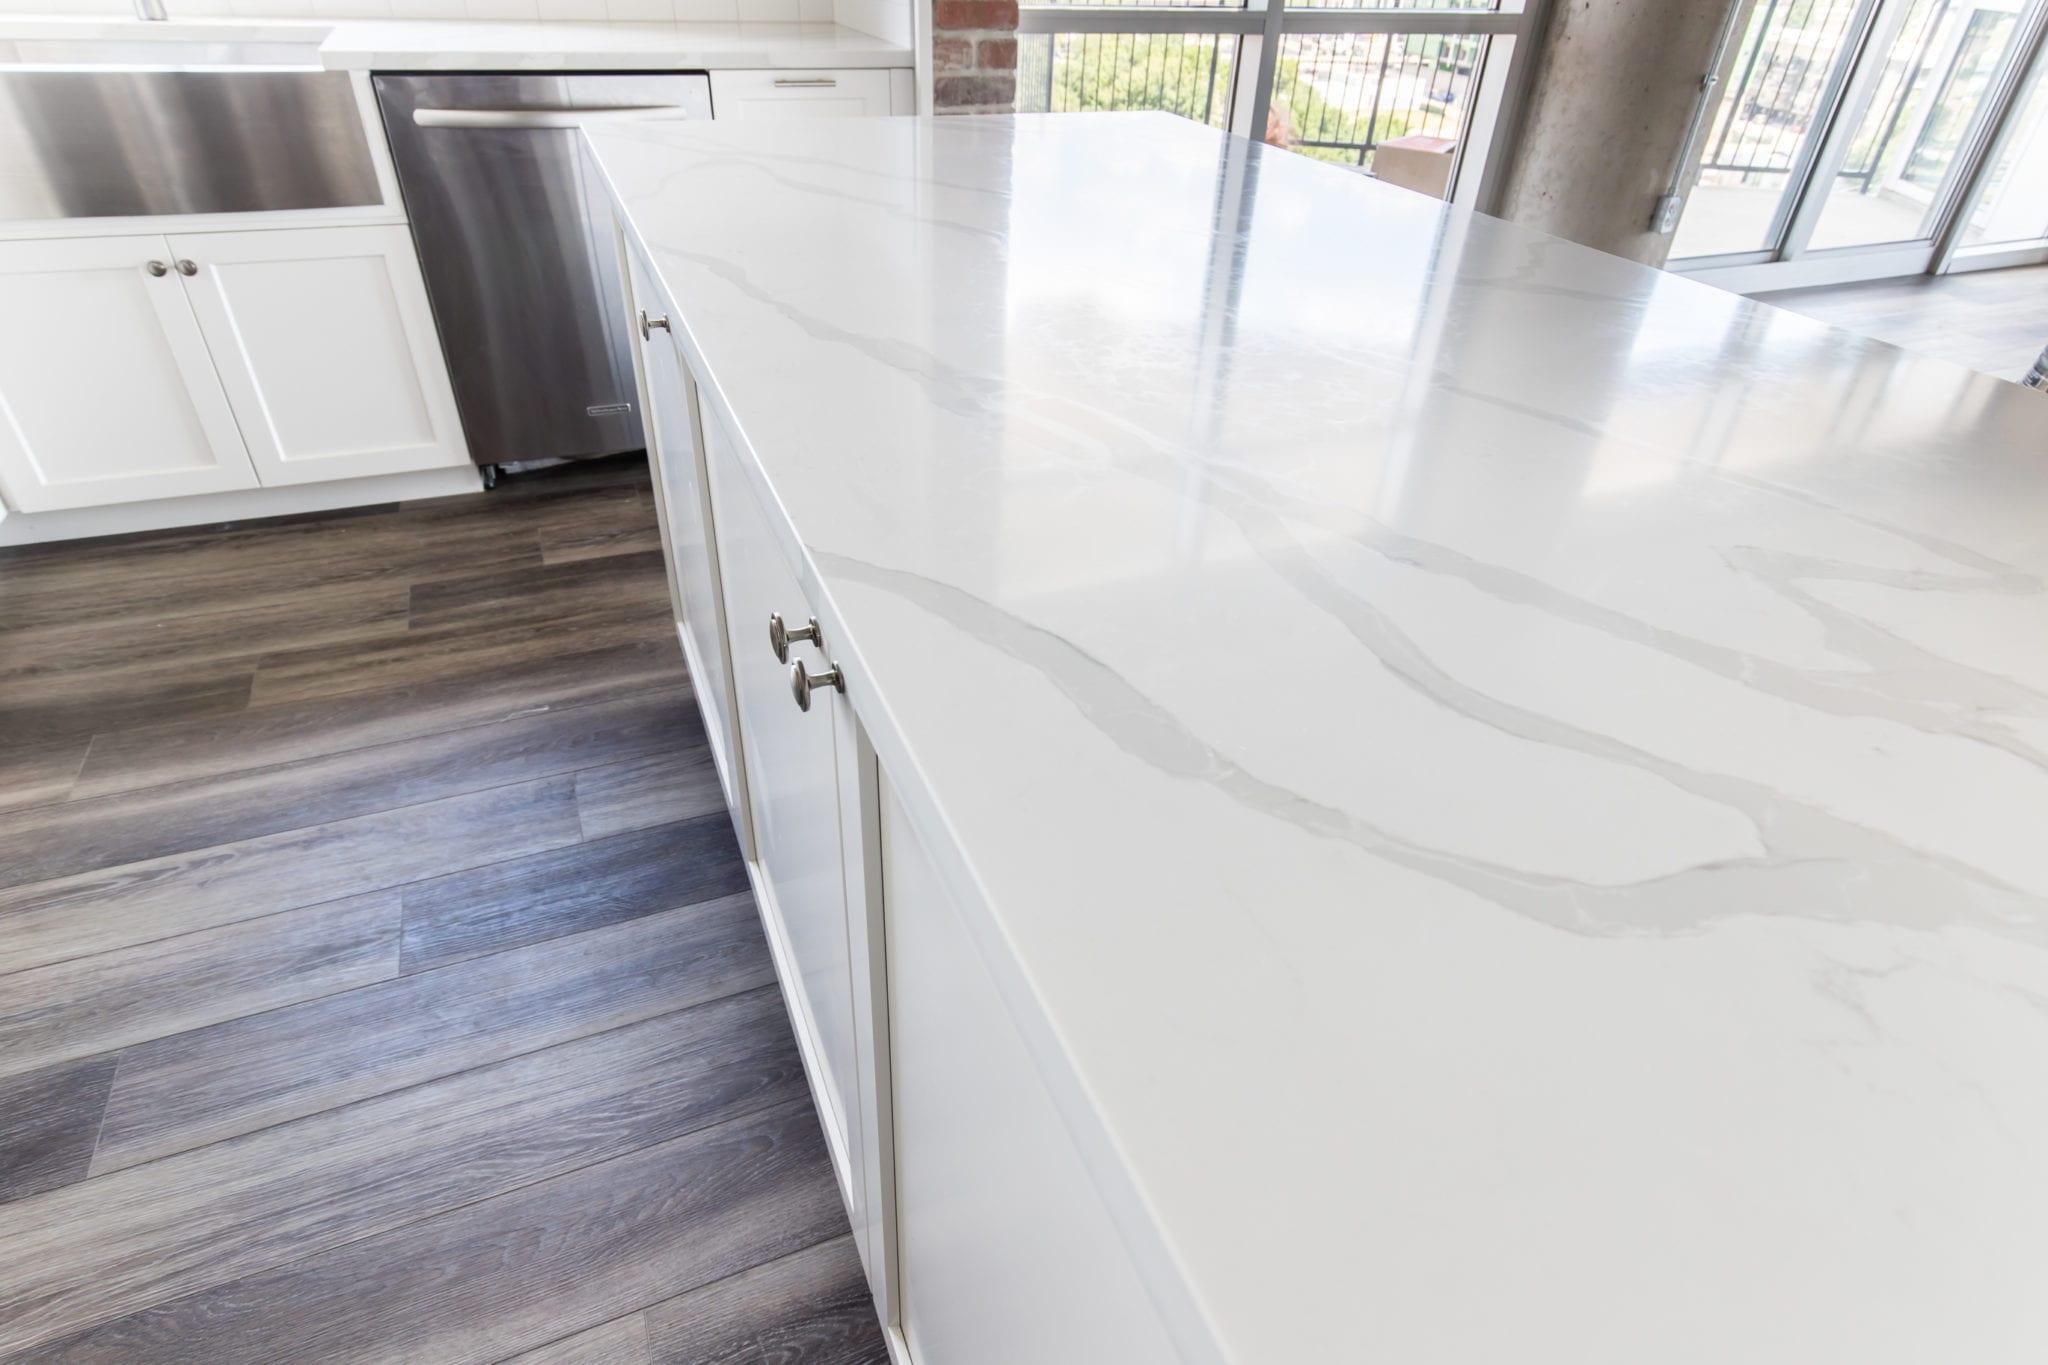 MSI-Surfaces Q Quartz Dallas-Condo-Kitchen-Countertop-